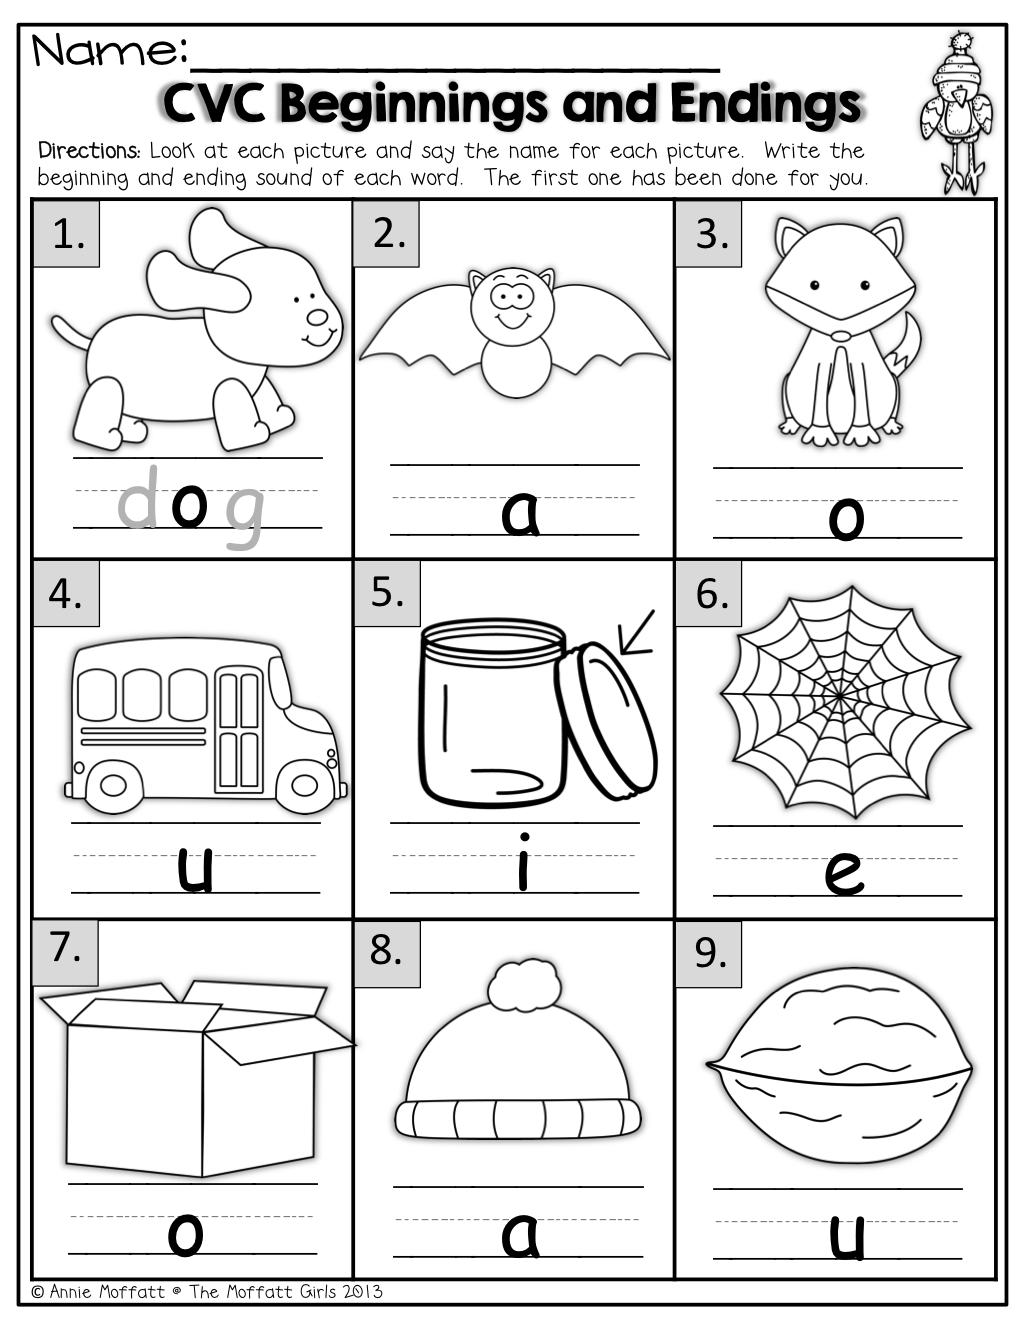 Beginning Sound Worksheets For Kindergarten Math Printable Ending